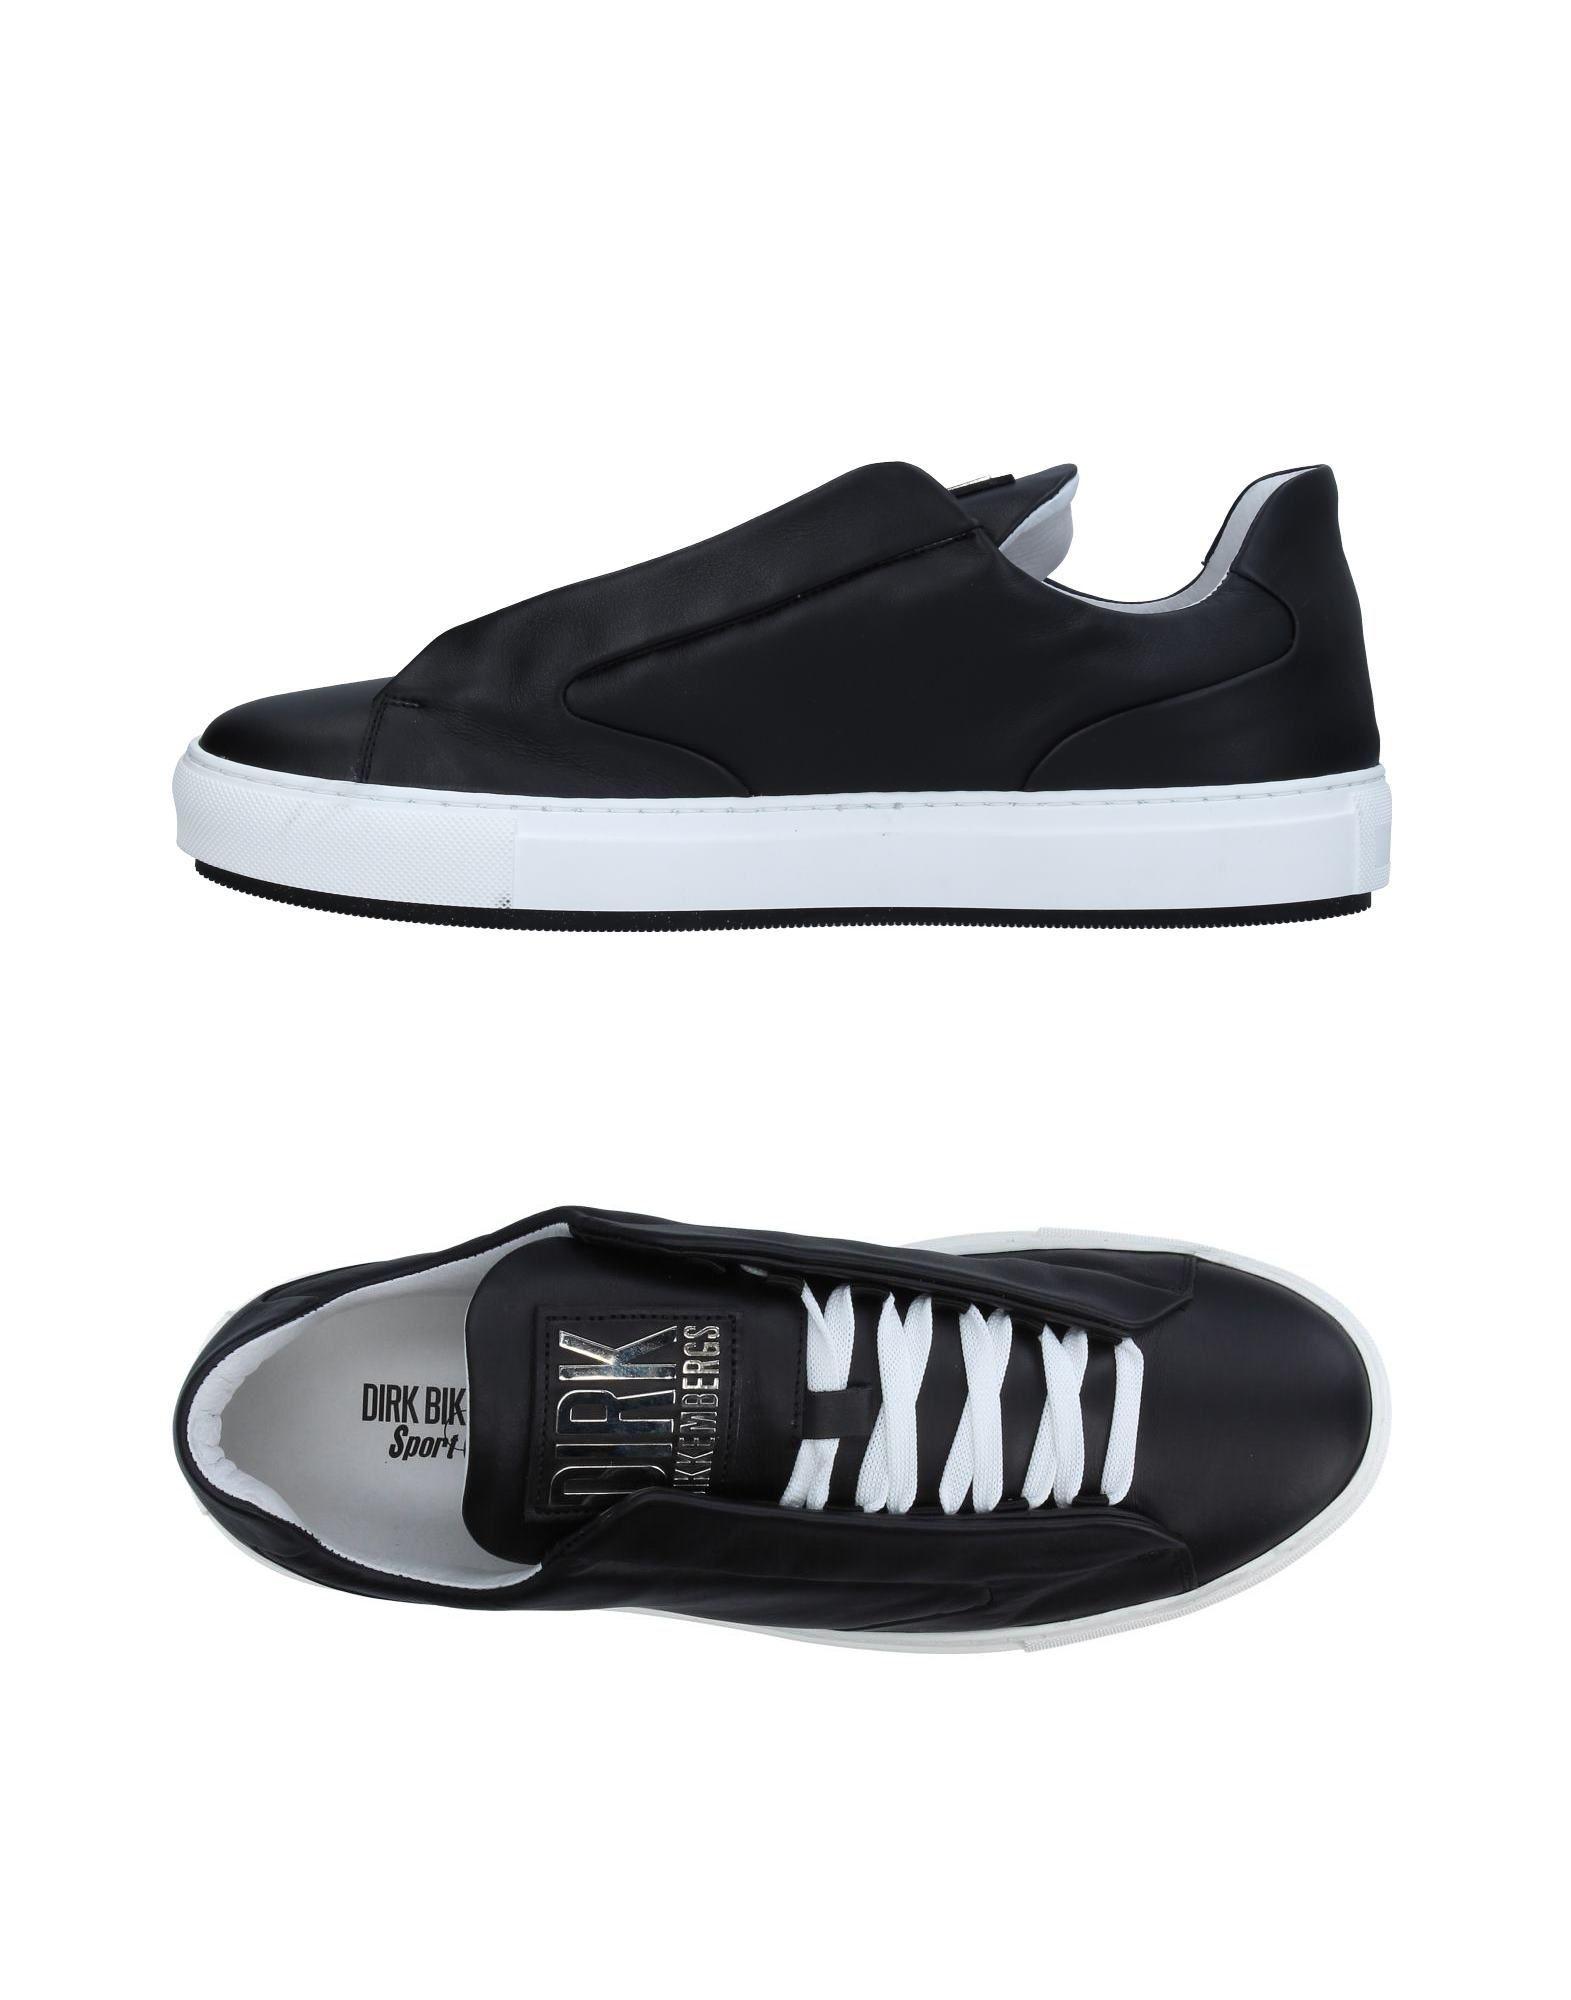 Dirk Bikkembergs Sneakers - Men Dirk Bikkembergs Sneakers online on 11332242UC  United Kingdom - 11332242UC on 3b8895